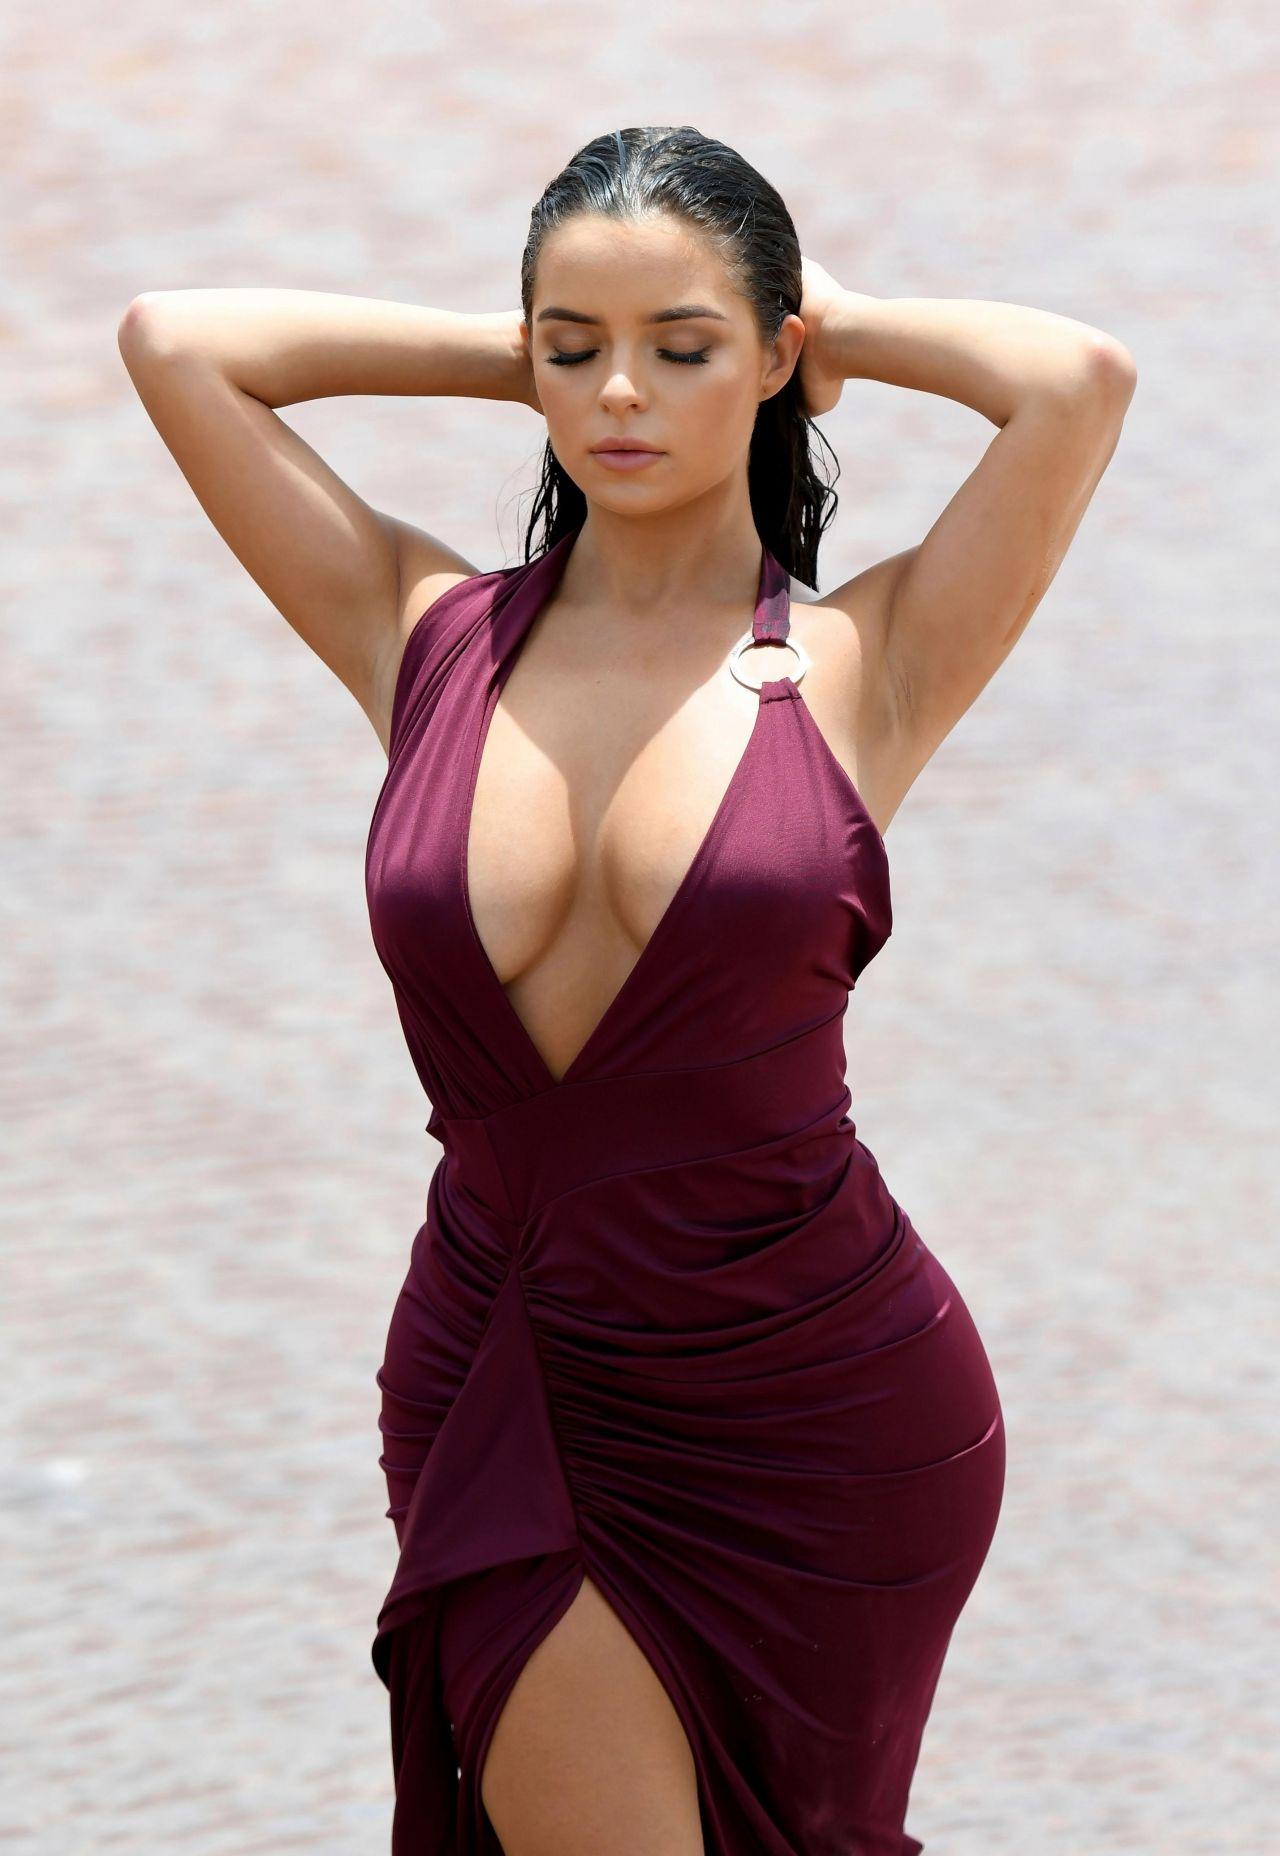 https://c.wallhere.com/photos/ff/2a/women_model_brunette_long_hair_Demi_Rose_Mawby_curvy_women_outdoors_cleavage-1188895.jpg!d